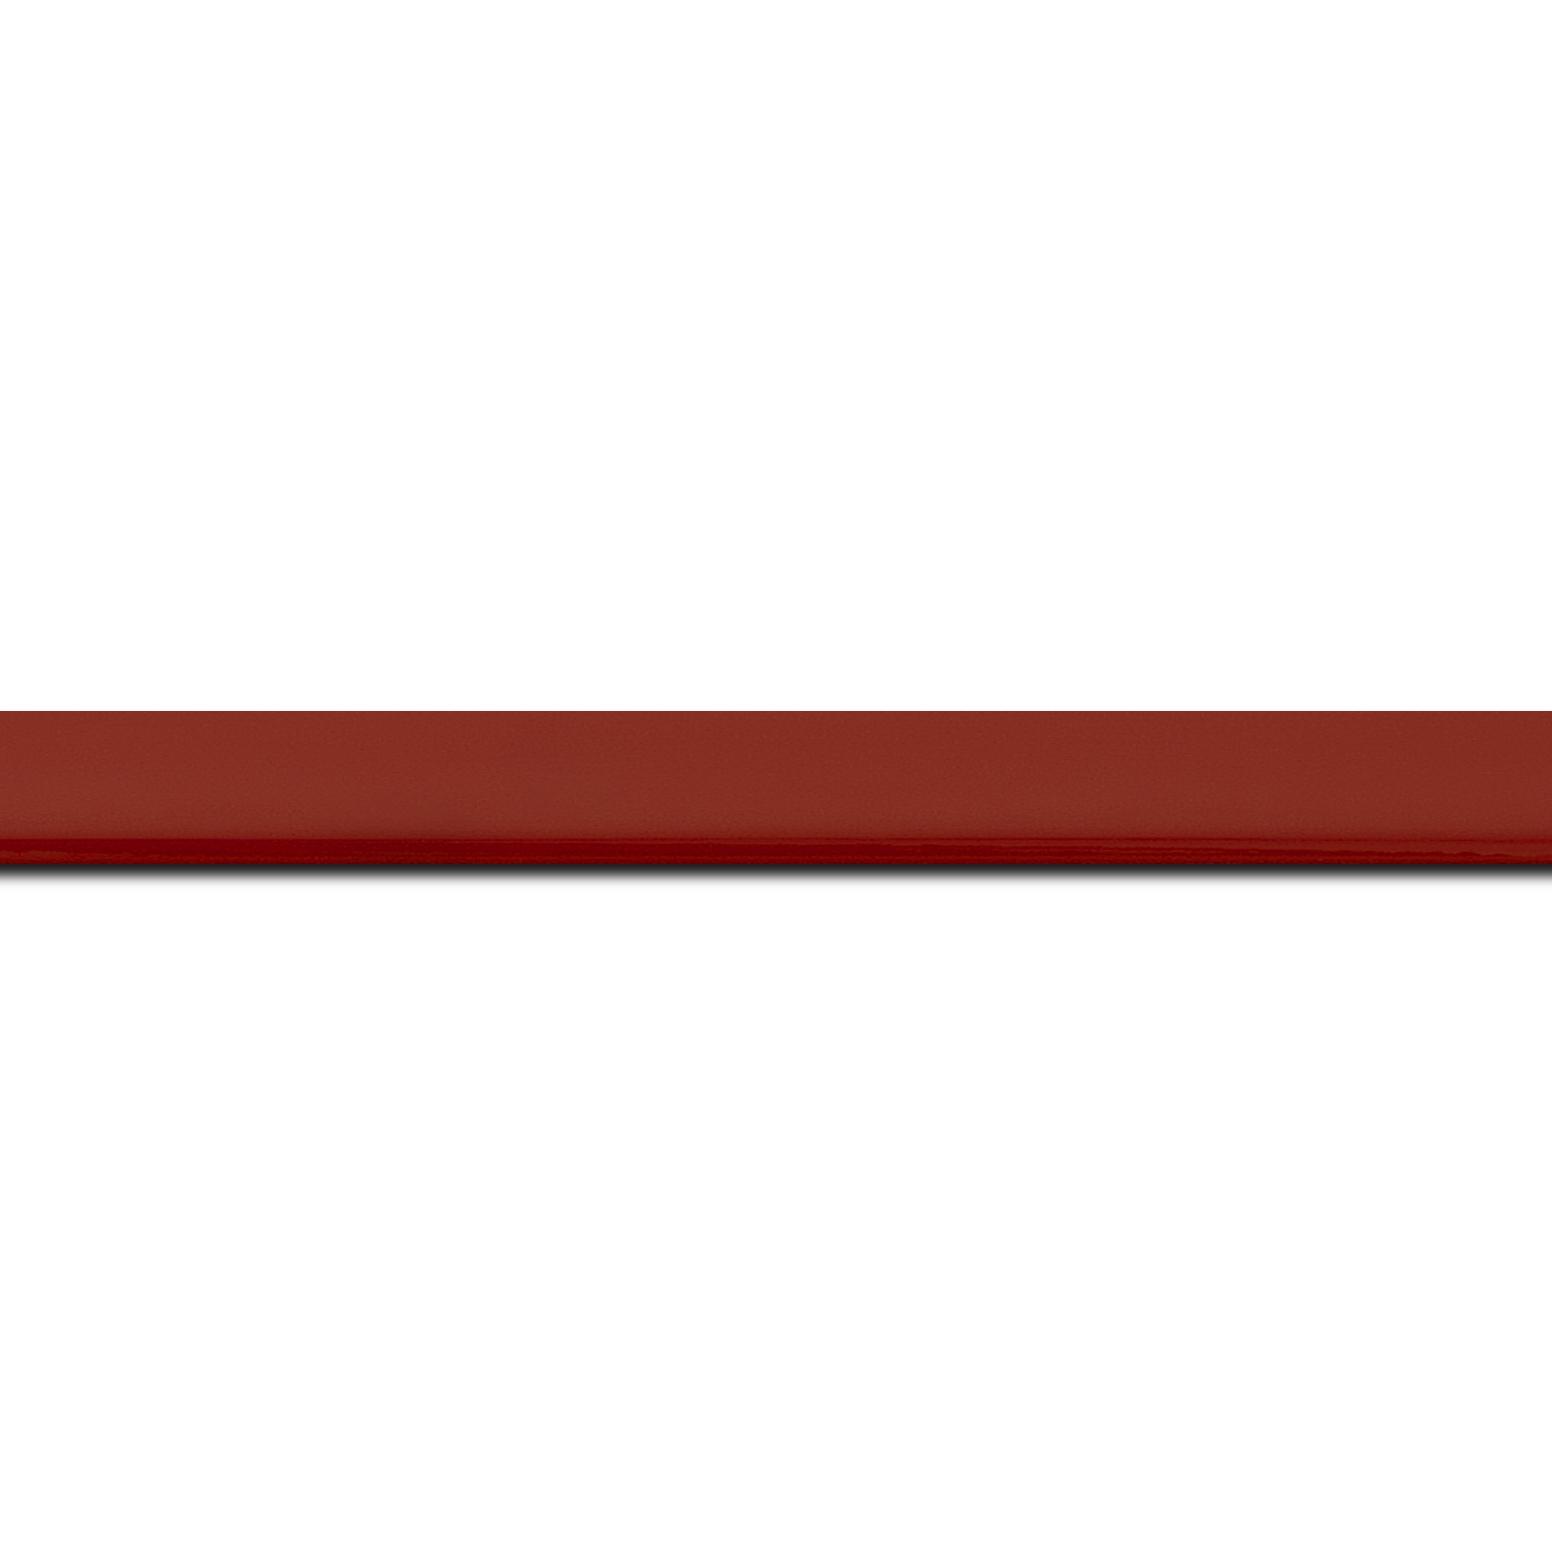 Baguette longueur 1.40m bois profil méplat largeur 1.4cm couleur rouge laqué